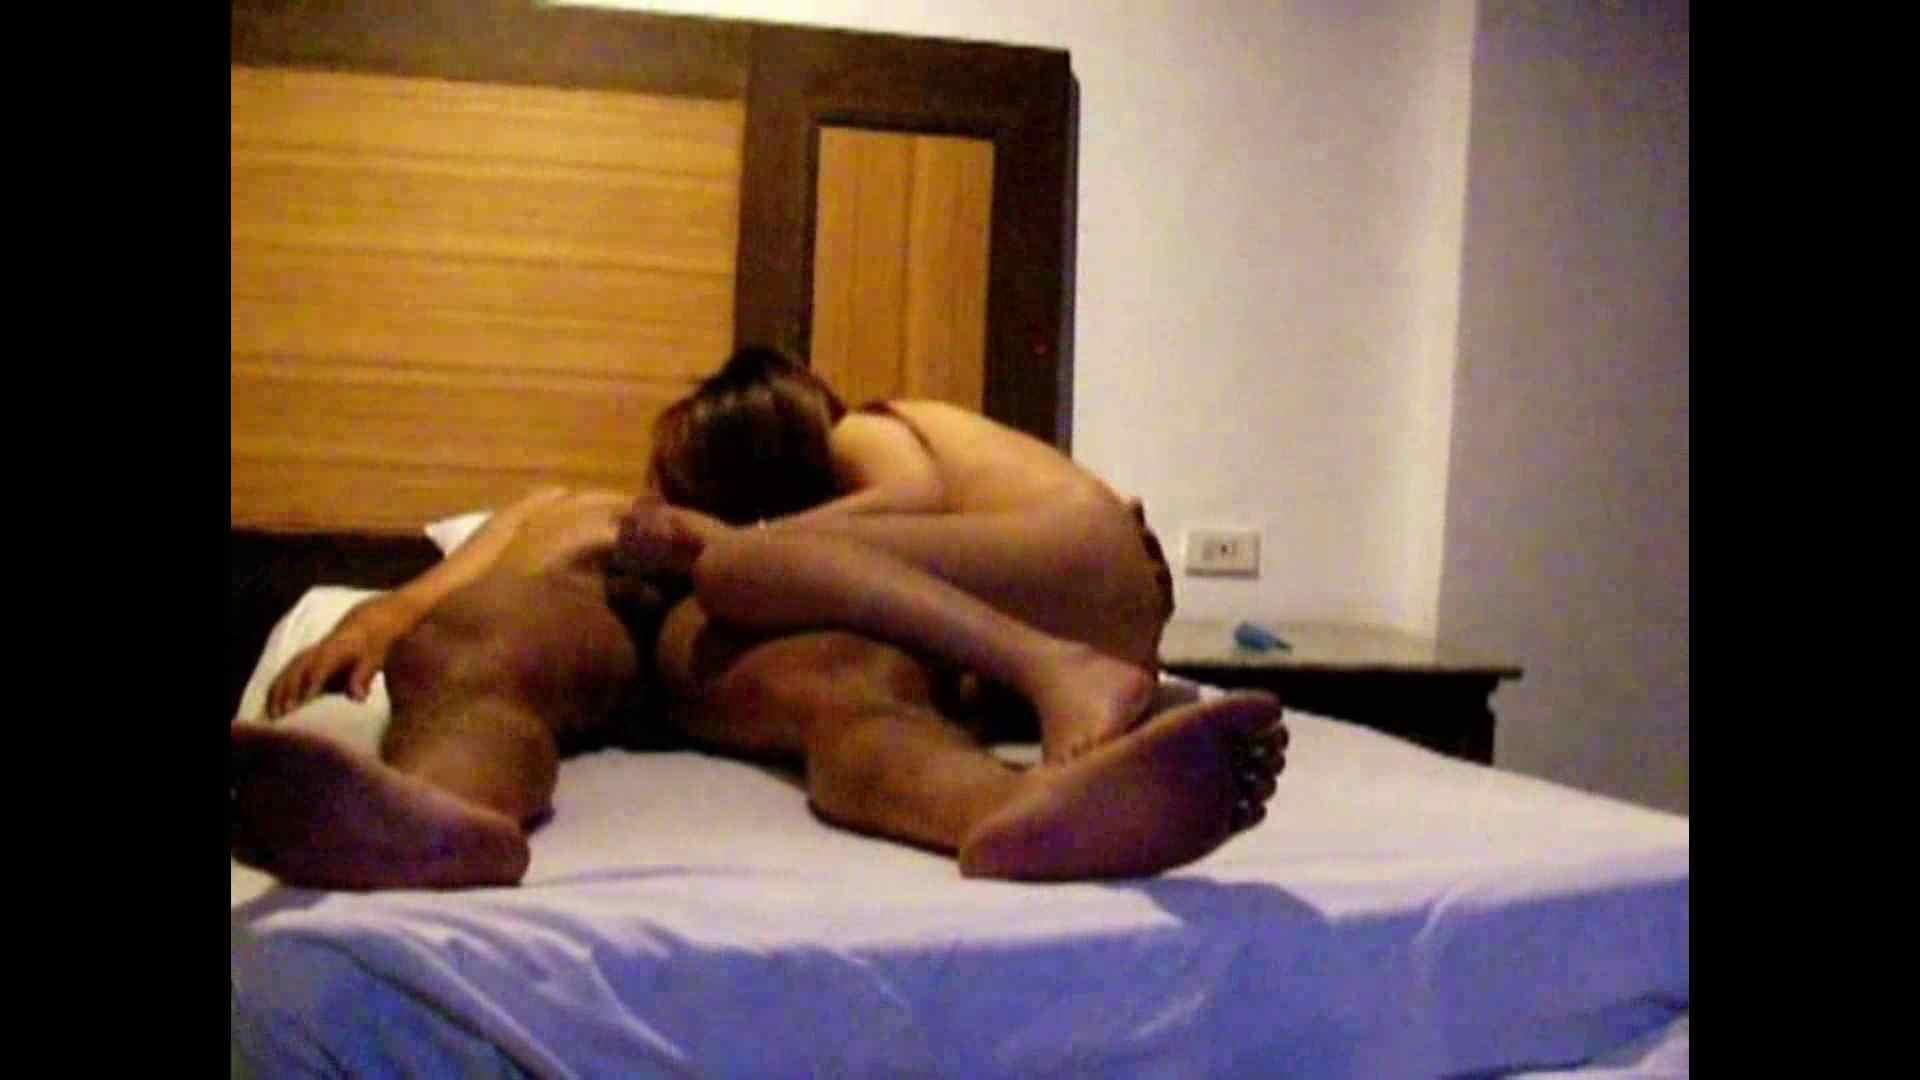 巨乳 乳首:アジア隠し撮りSEX旅行記 サーイ20歳:大奥